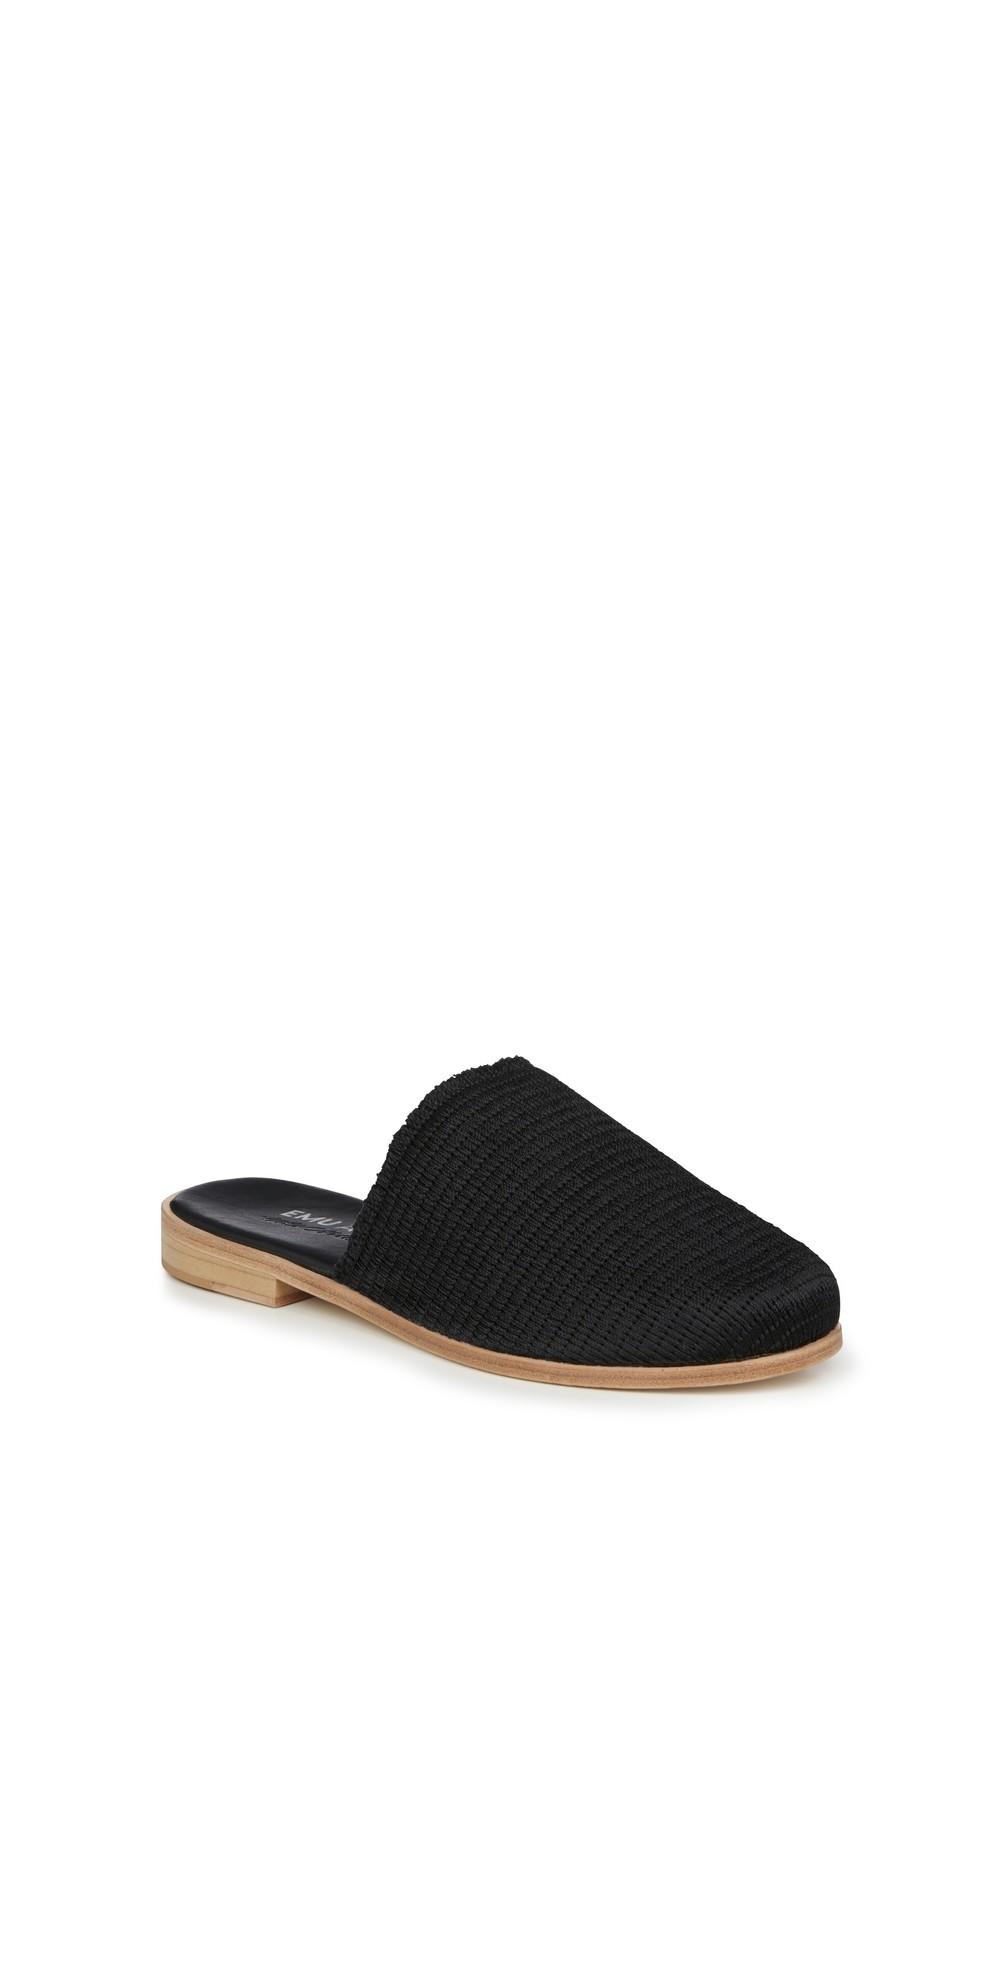 Belgrave Woven Slide Sandal main image